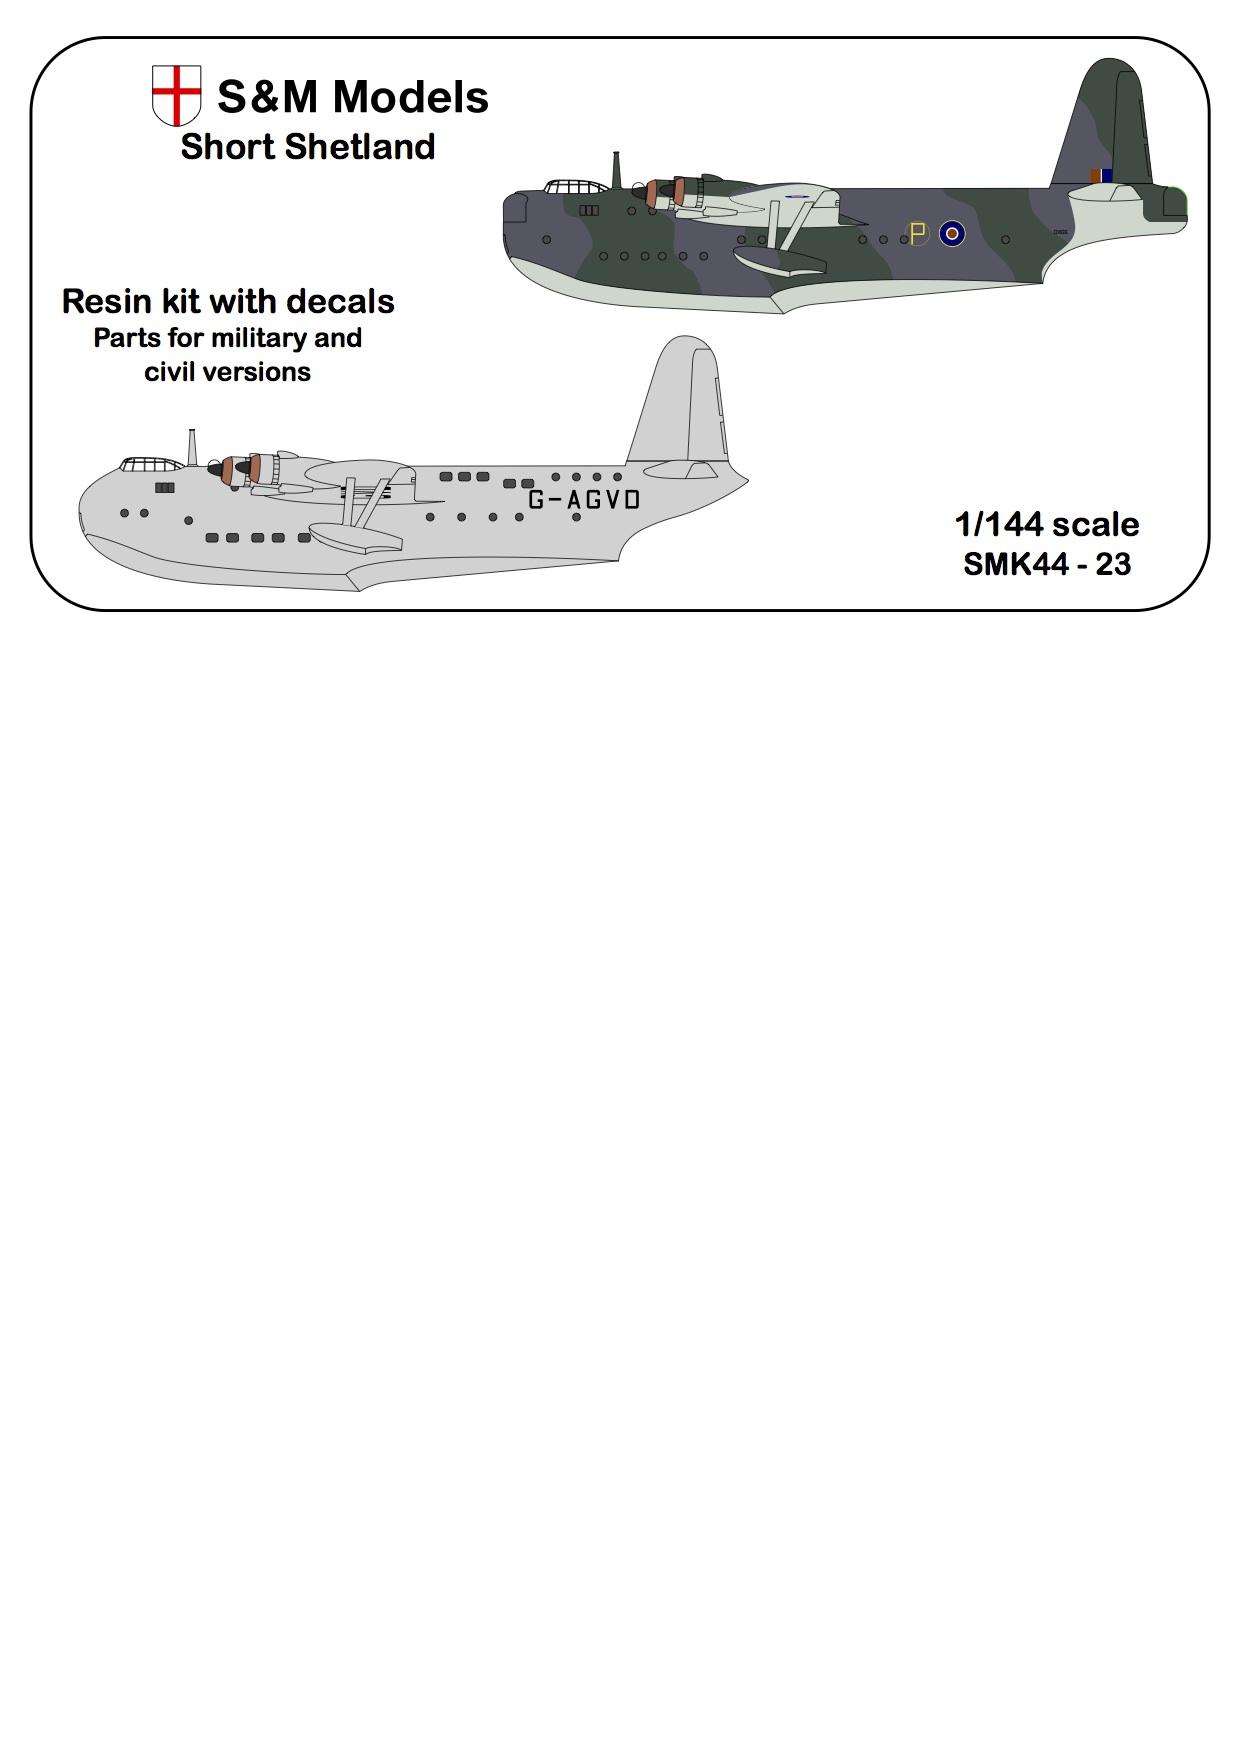 SMK44-23